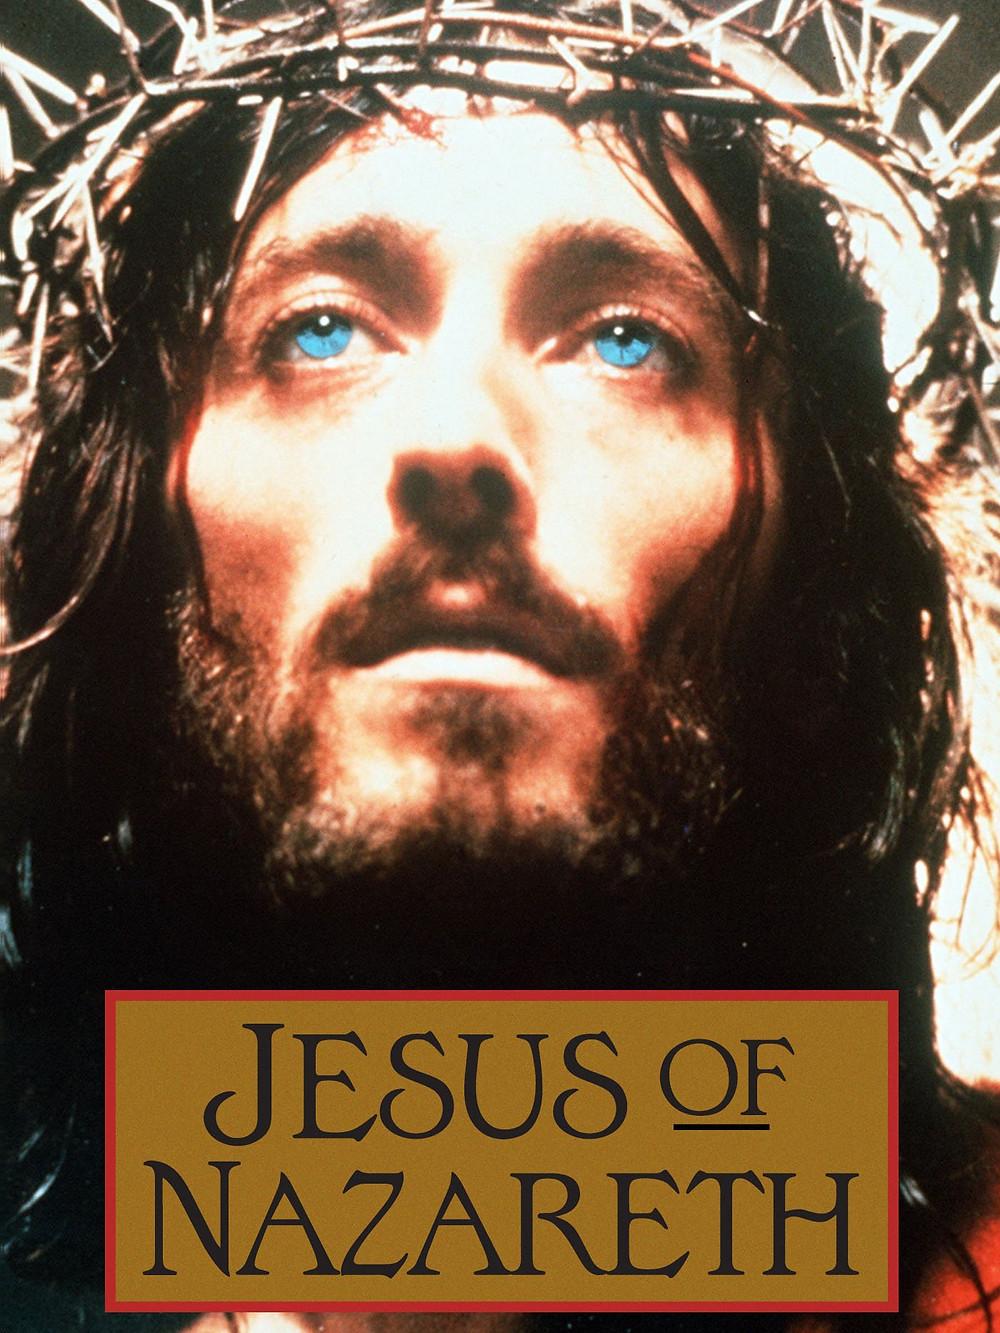 Jesus de Nazaret. La muerte de Cristo. Dios amo tanto al mundo que envio a su unico Hijo a morir. El amor de Dios es maravilloso. Cristo te ama. La Biblia.